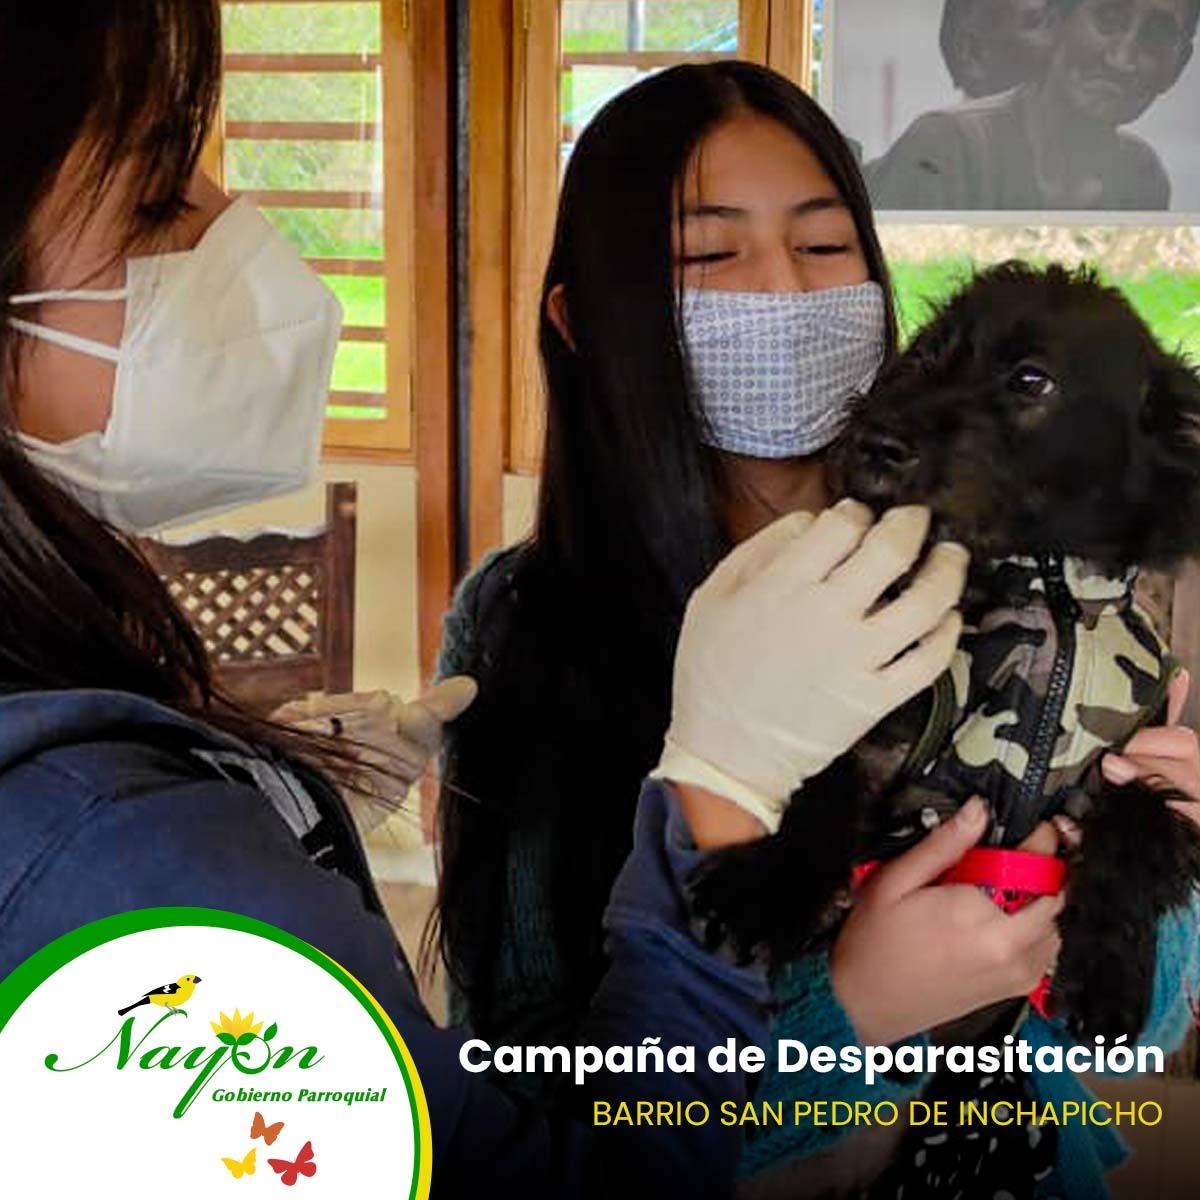 Campaña de Desparasitación - Barrio San Pedro de Inchapicho